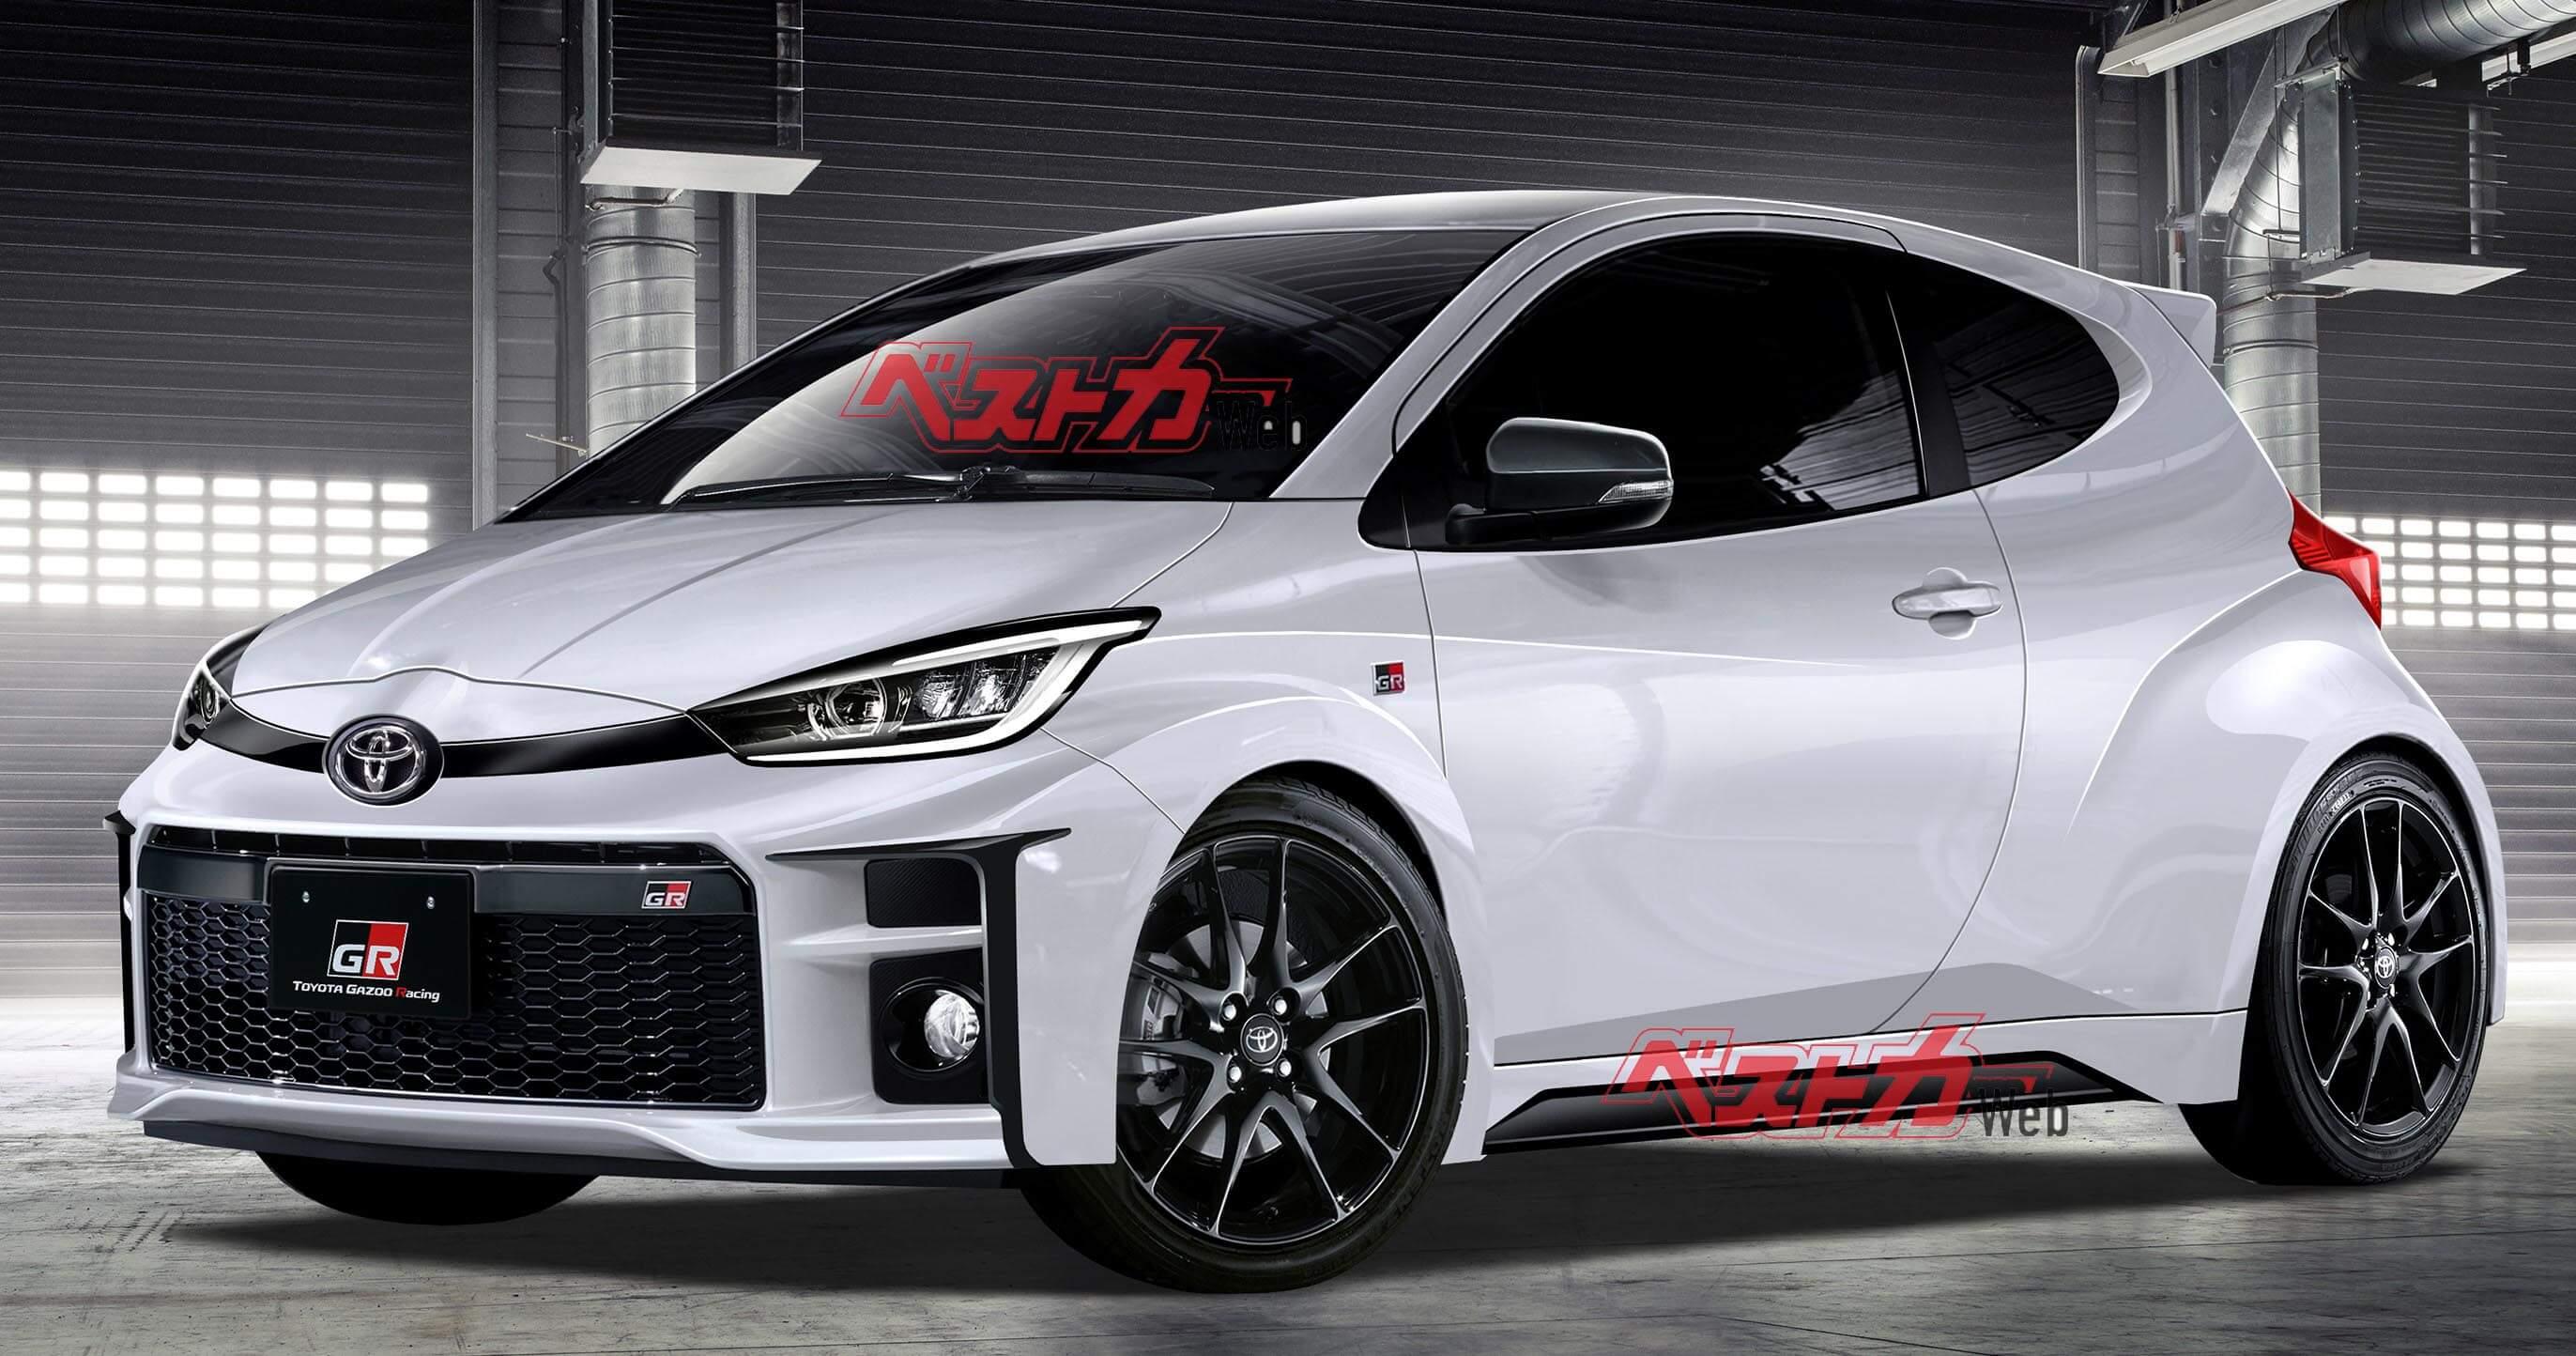 2020 - [Toyota] Yaris - Page 3 75ec4d5ff031344f91edaa0d1bcc2289.jpg?_ga=2.21555325.736604115.1564744046-1923100404